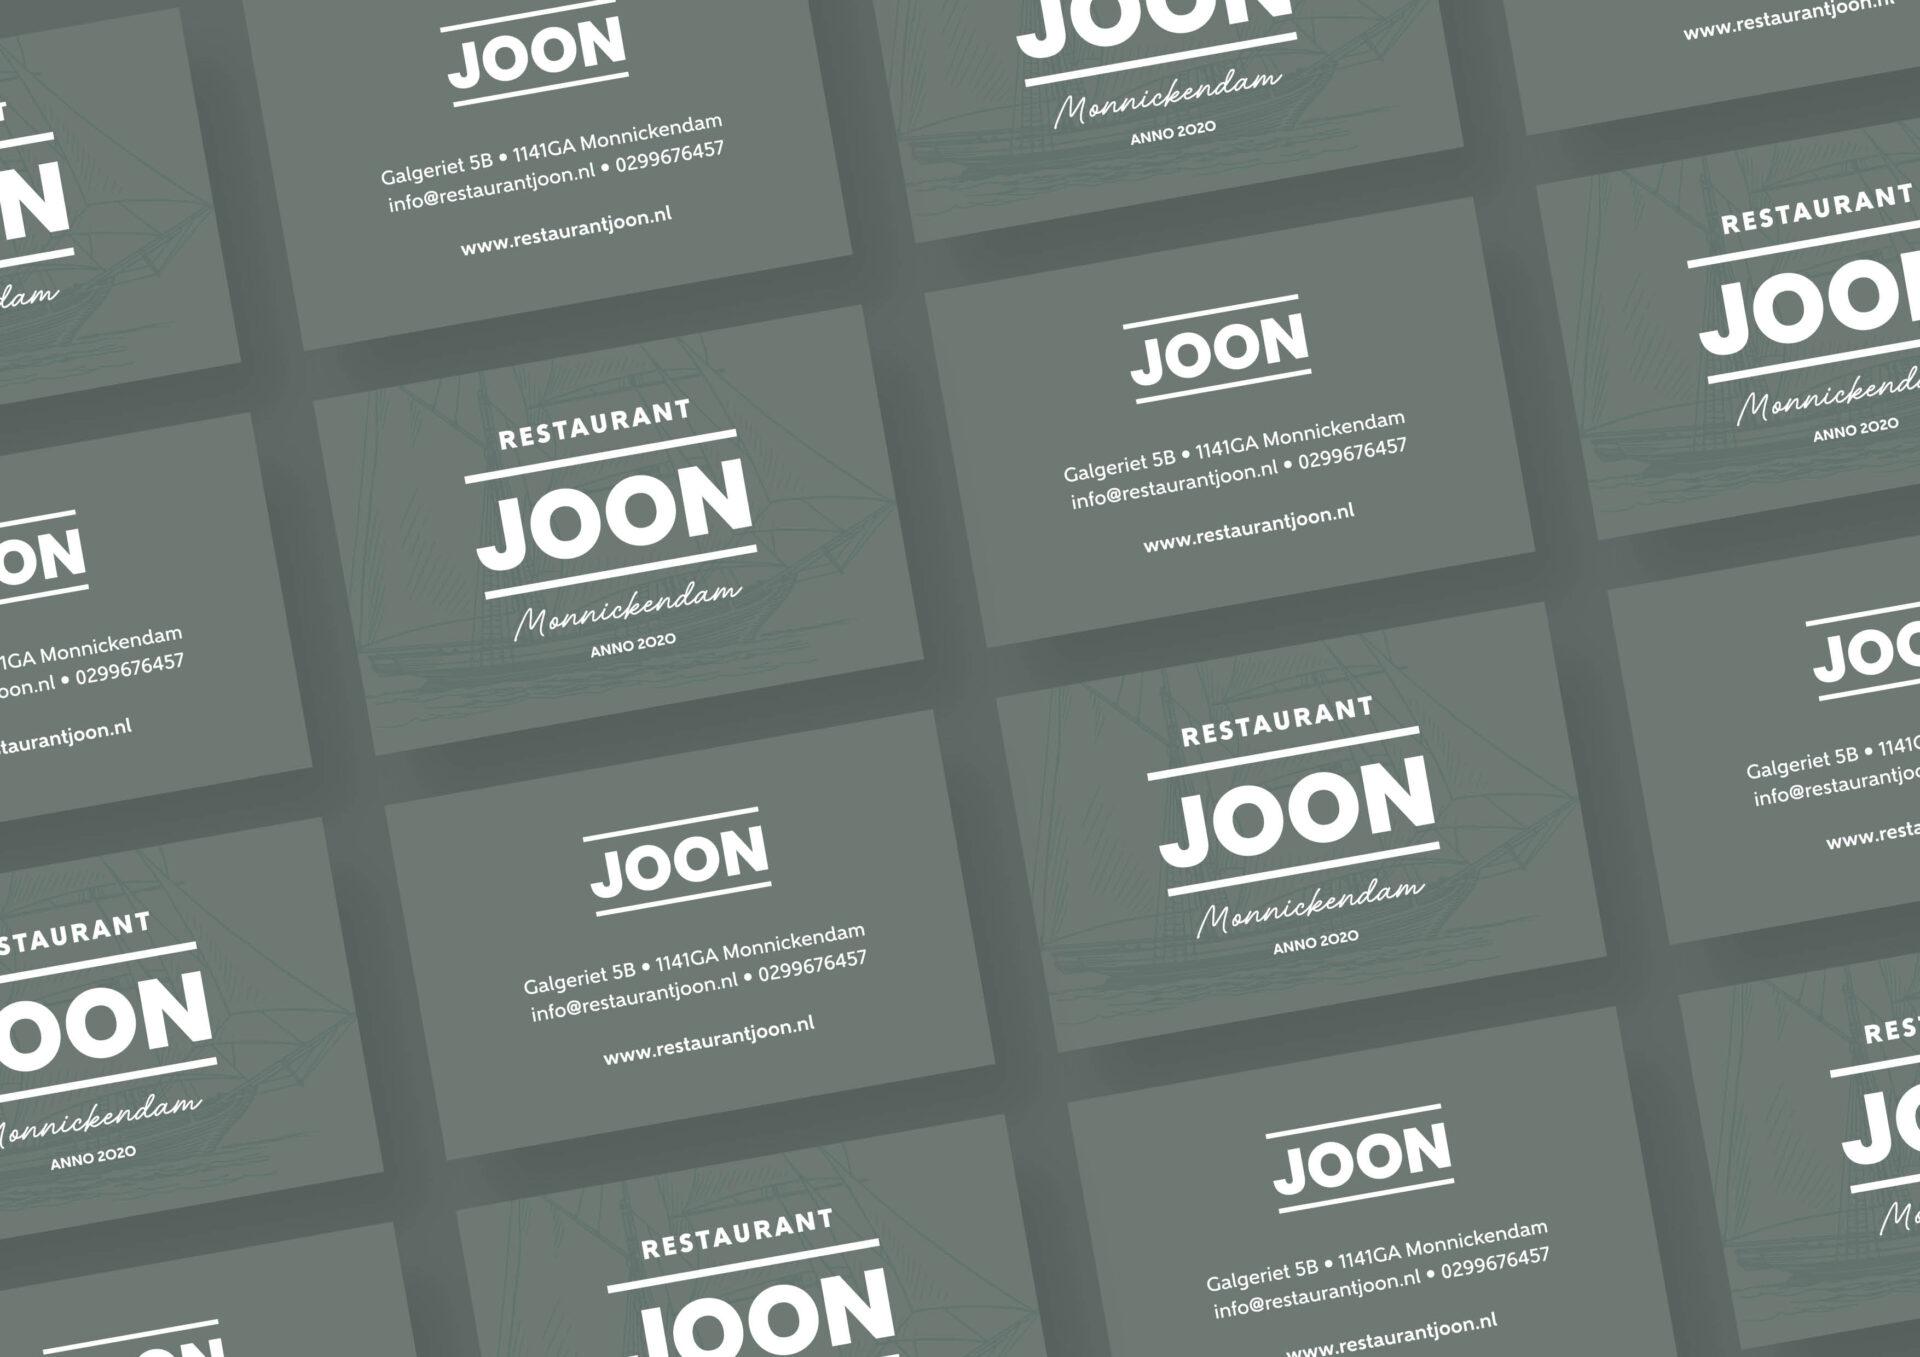 Visitekaartjes voor Restaurant JOON Monnickendam gemaakt door Sjoerd van Schagen